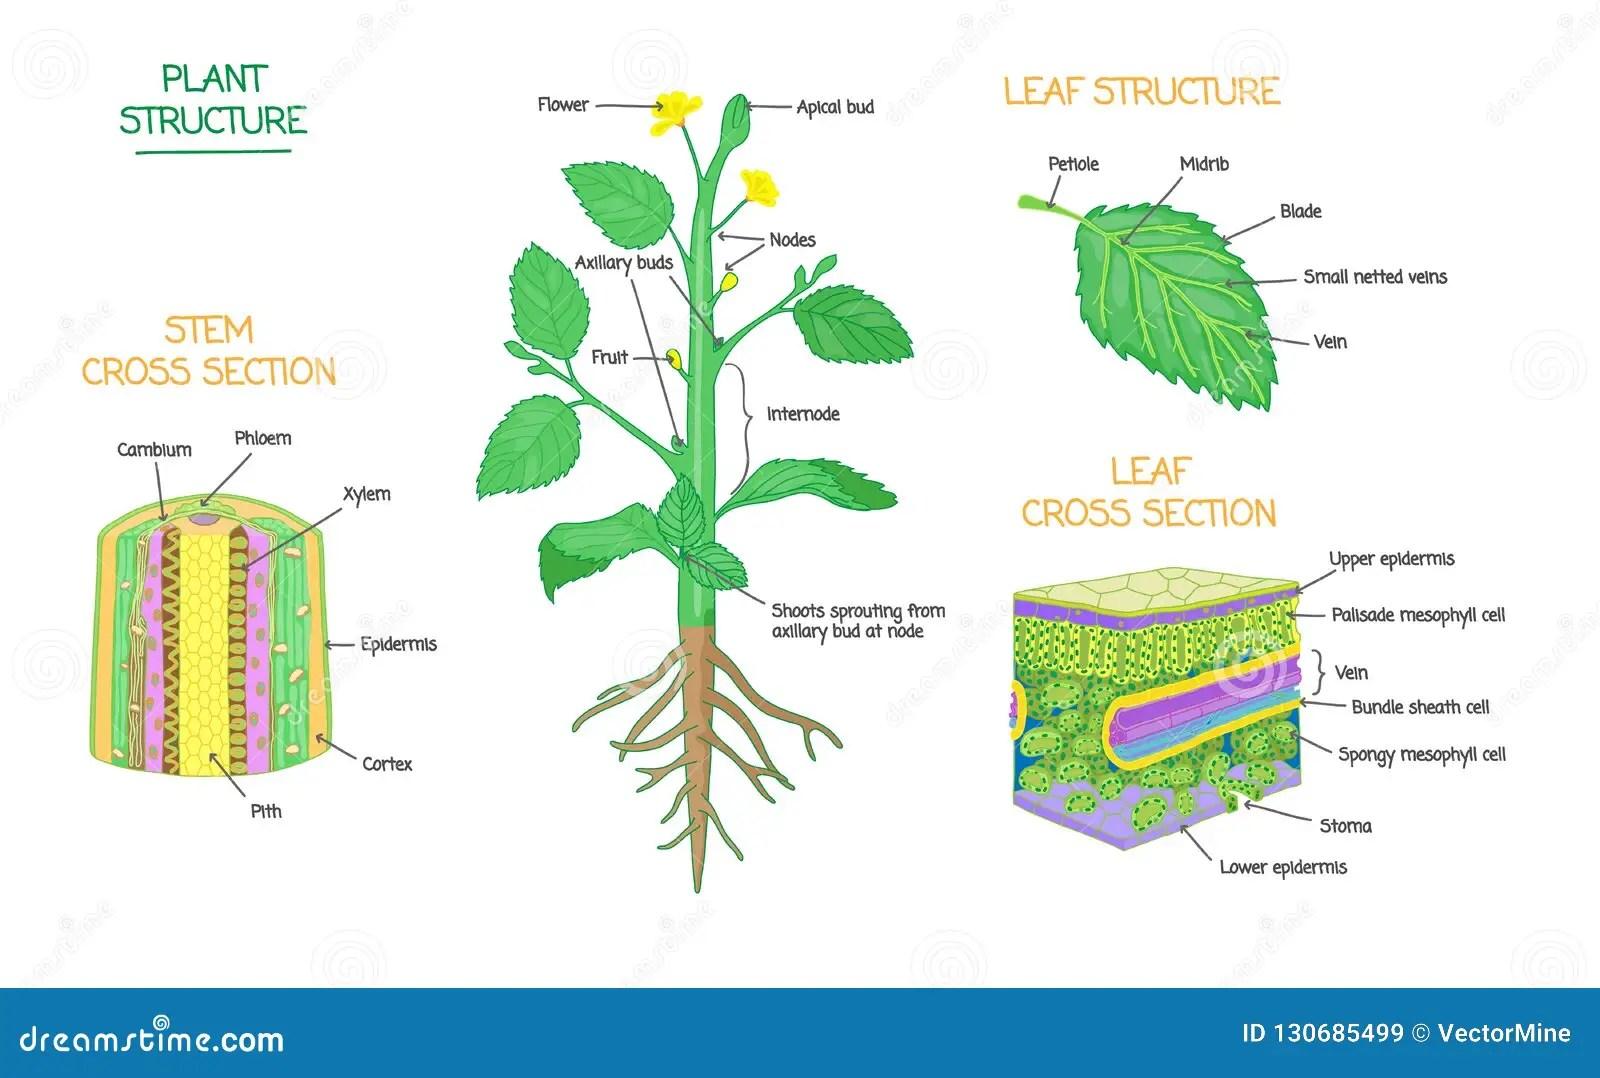 La Biologia Botanica De La Estructura Y Del Corte Transversal De Planta Etiqueto La Coleccion De